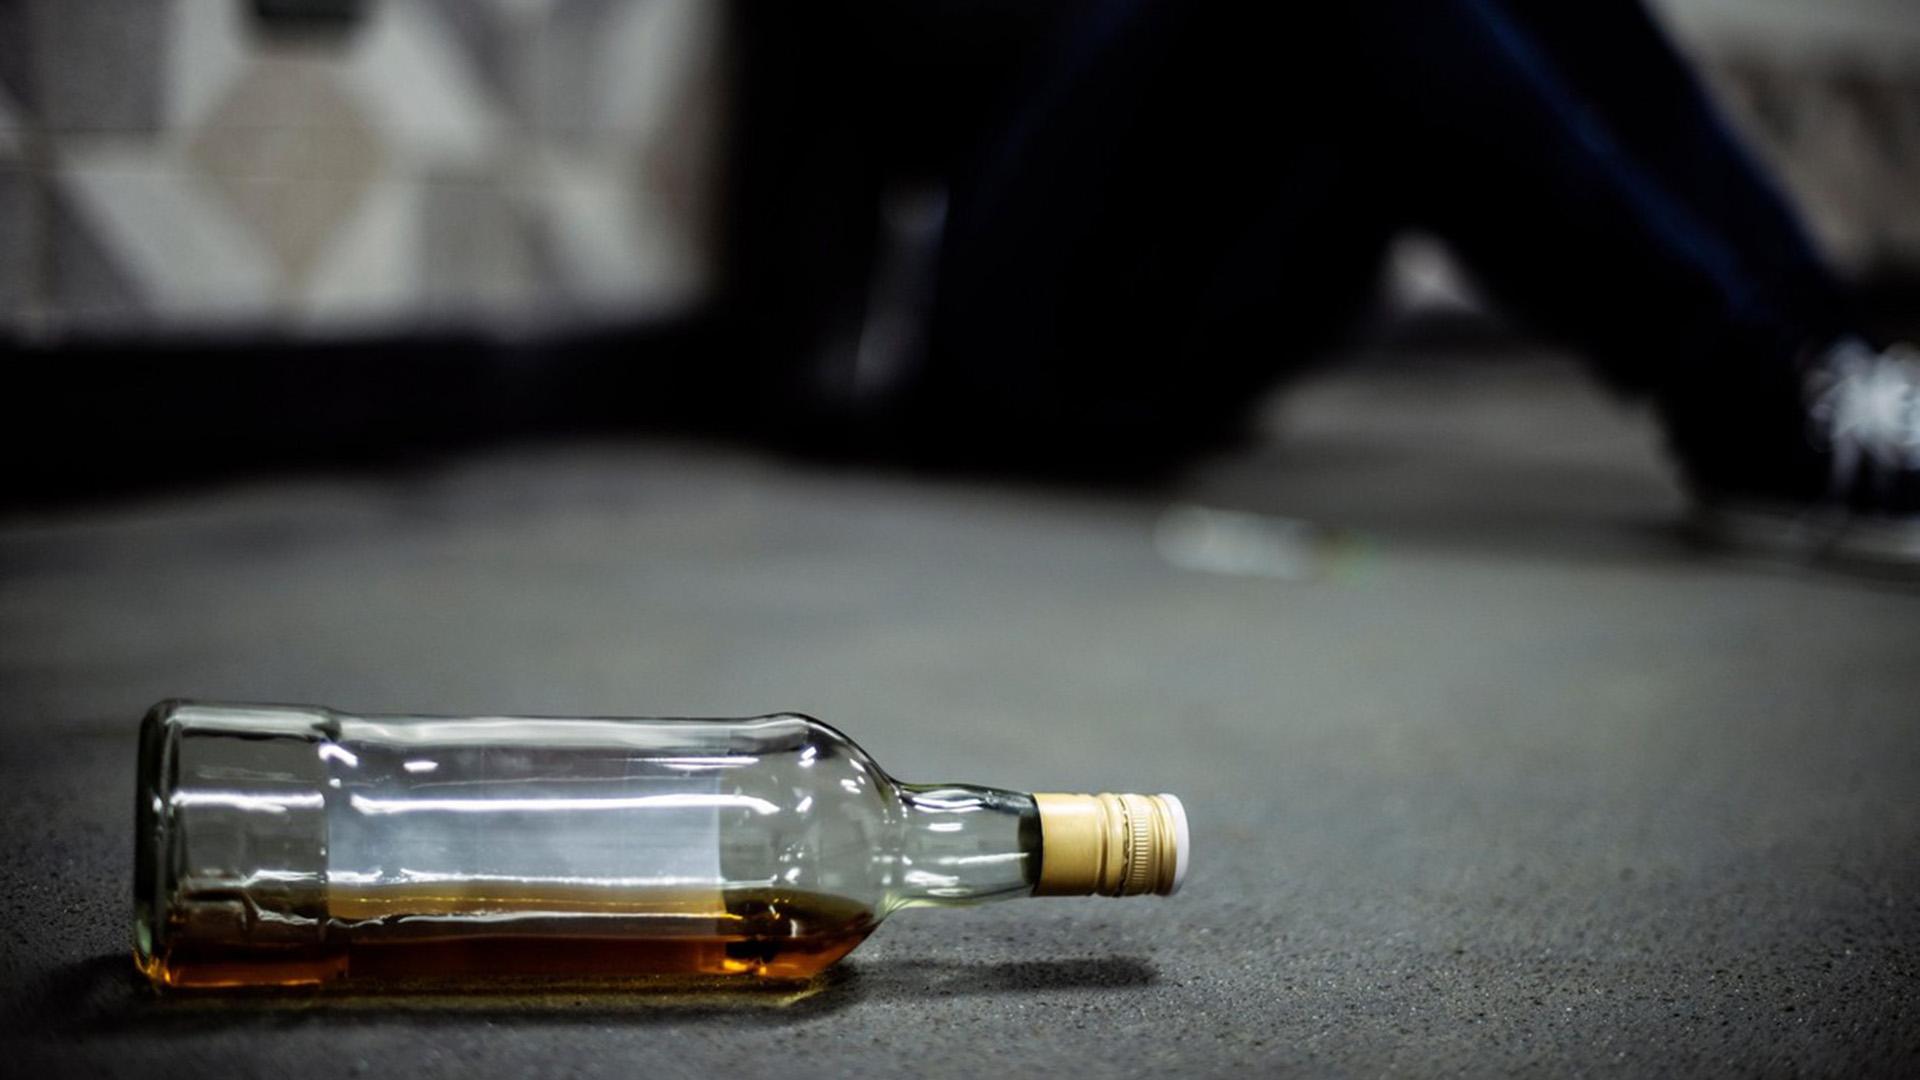 San Franciscóban ingyen kapják az alkoholt a hajléktalanok